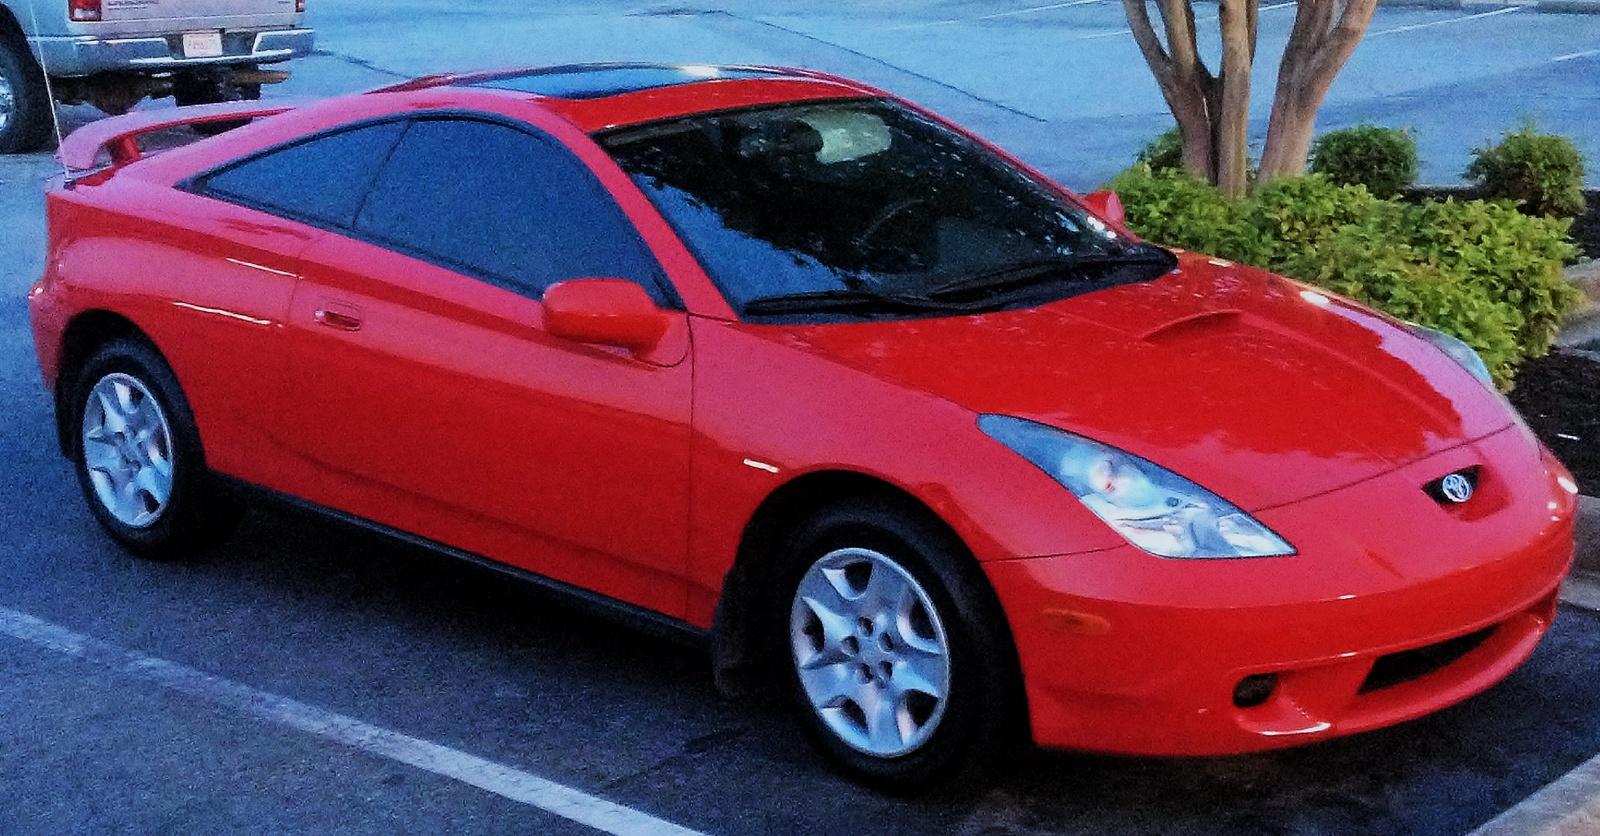 2001 Toyota Celica Pictures Cargurus